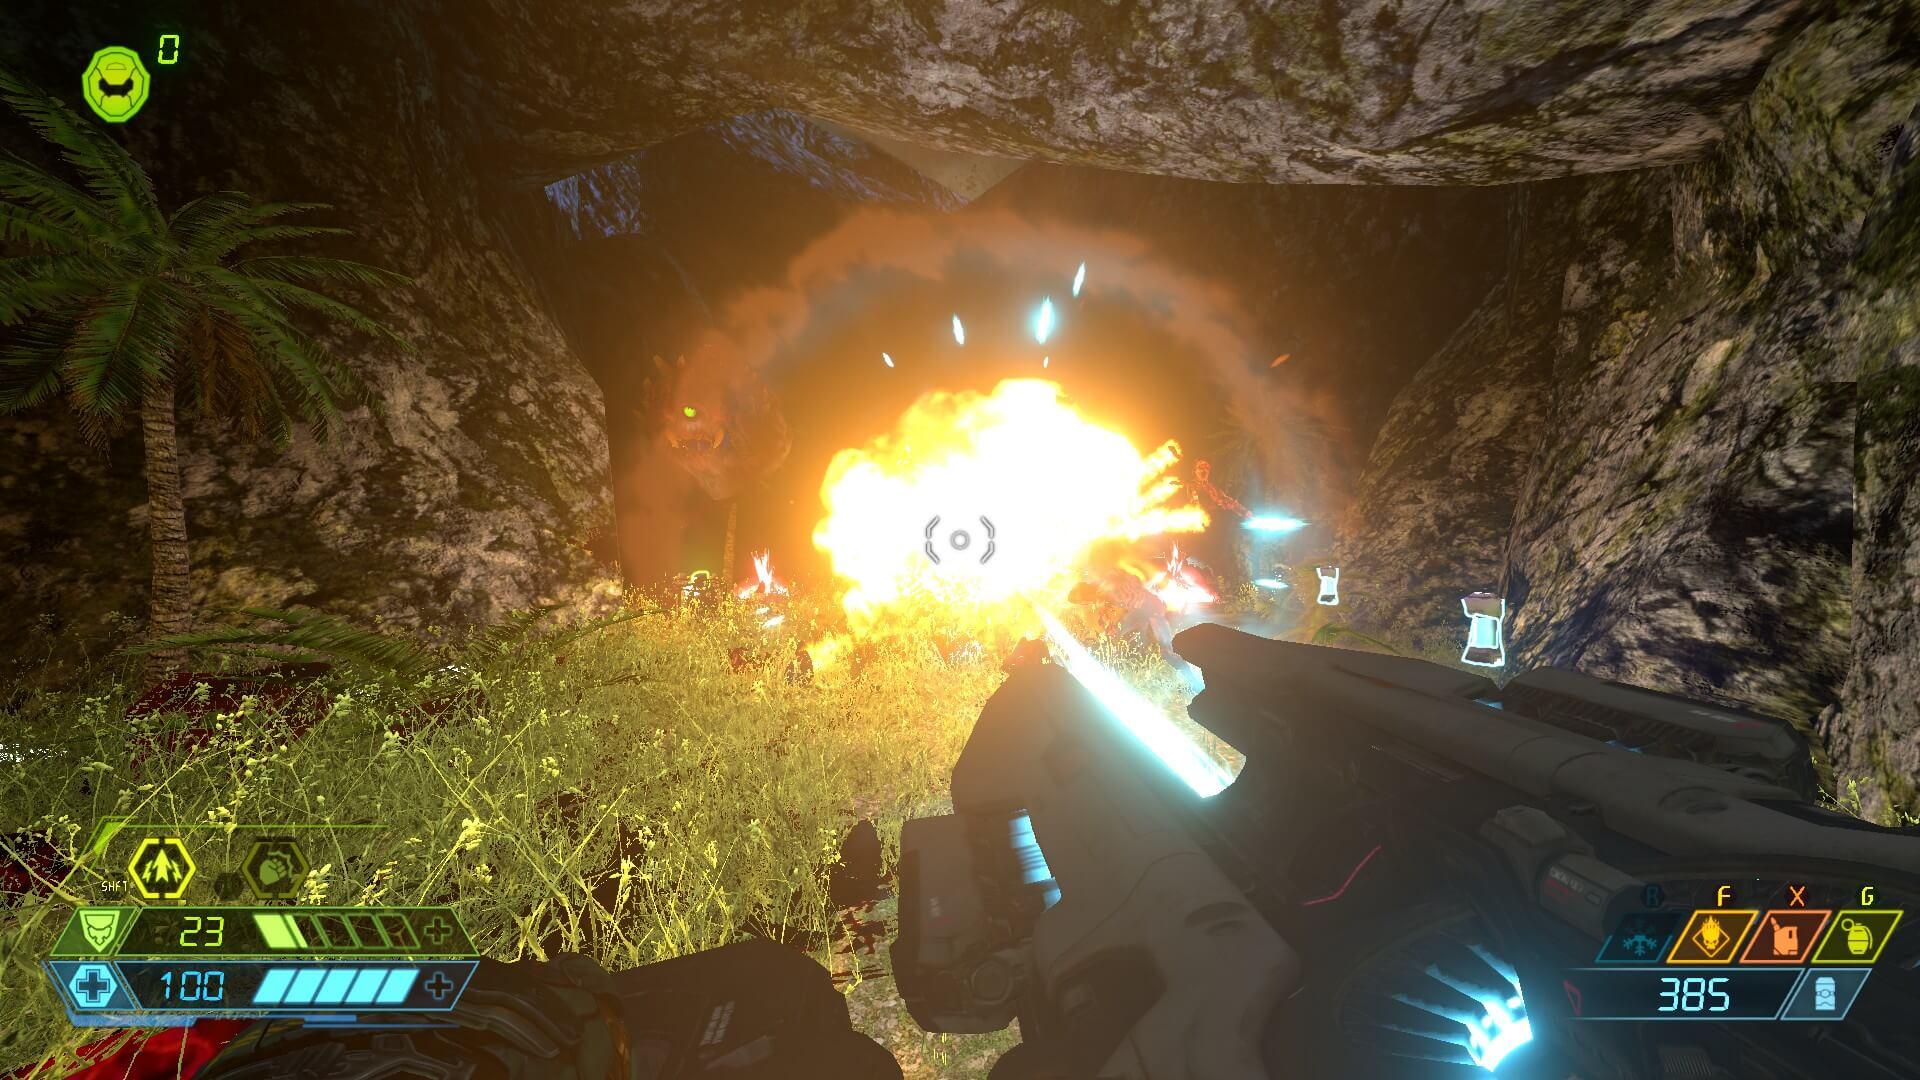 Моддер работает над переносом игровых механик Doom Eternal в Serious Sam Fusion